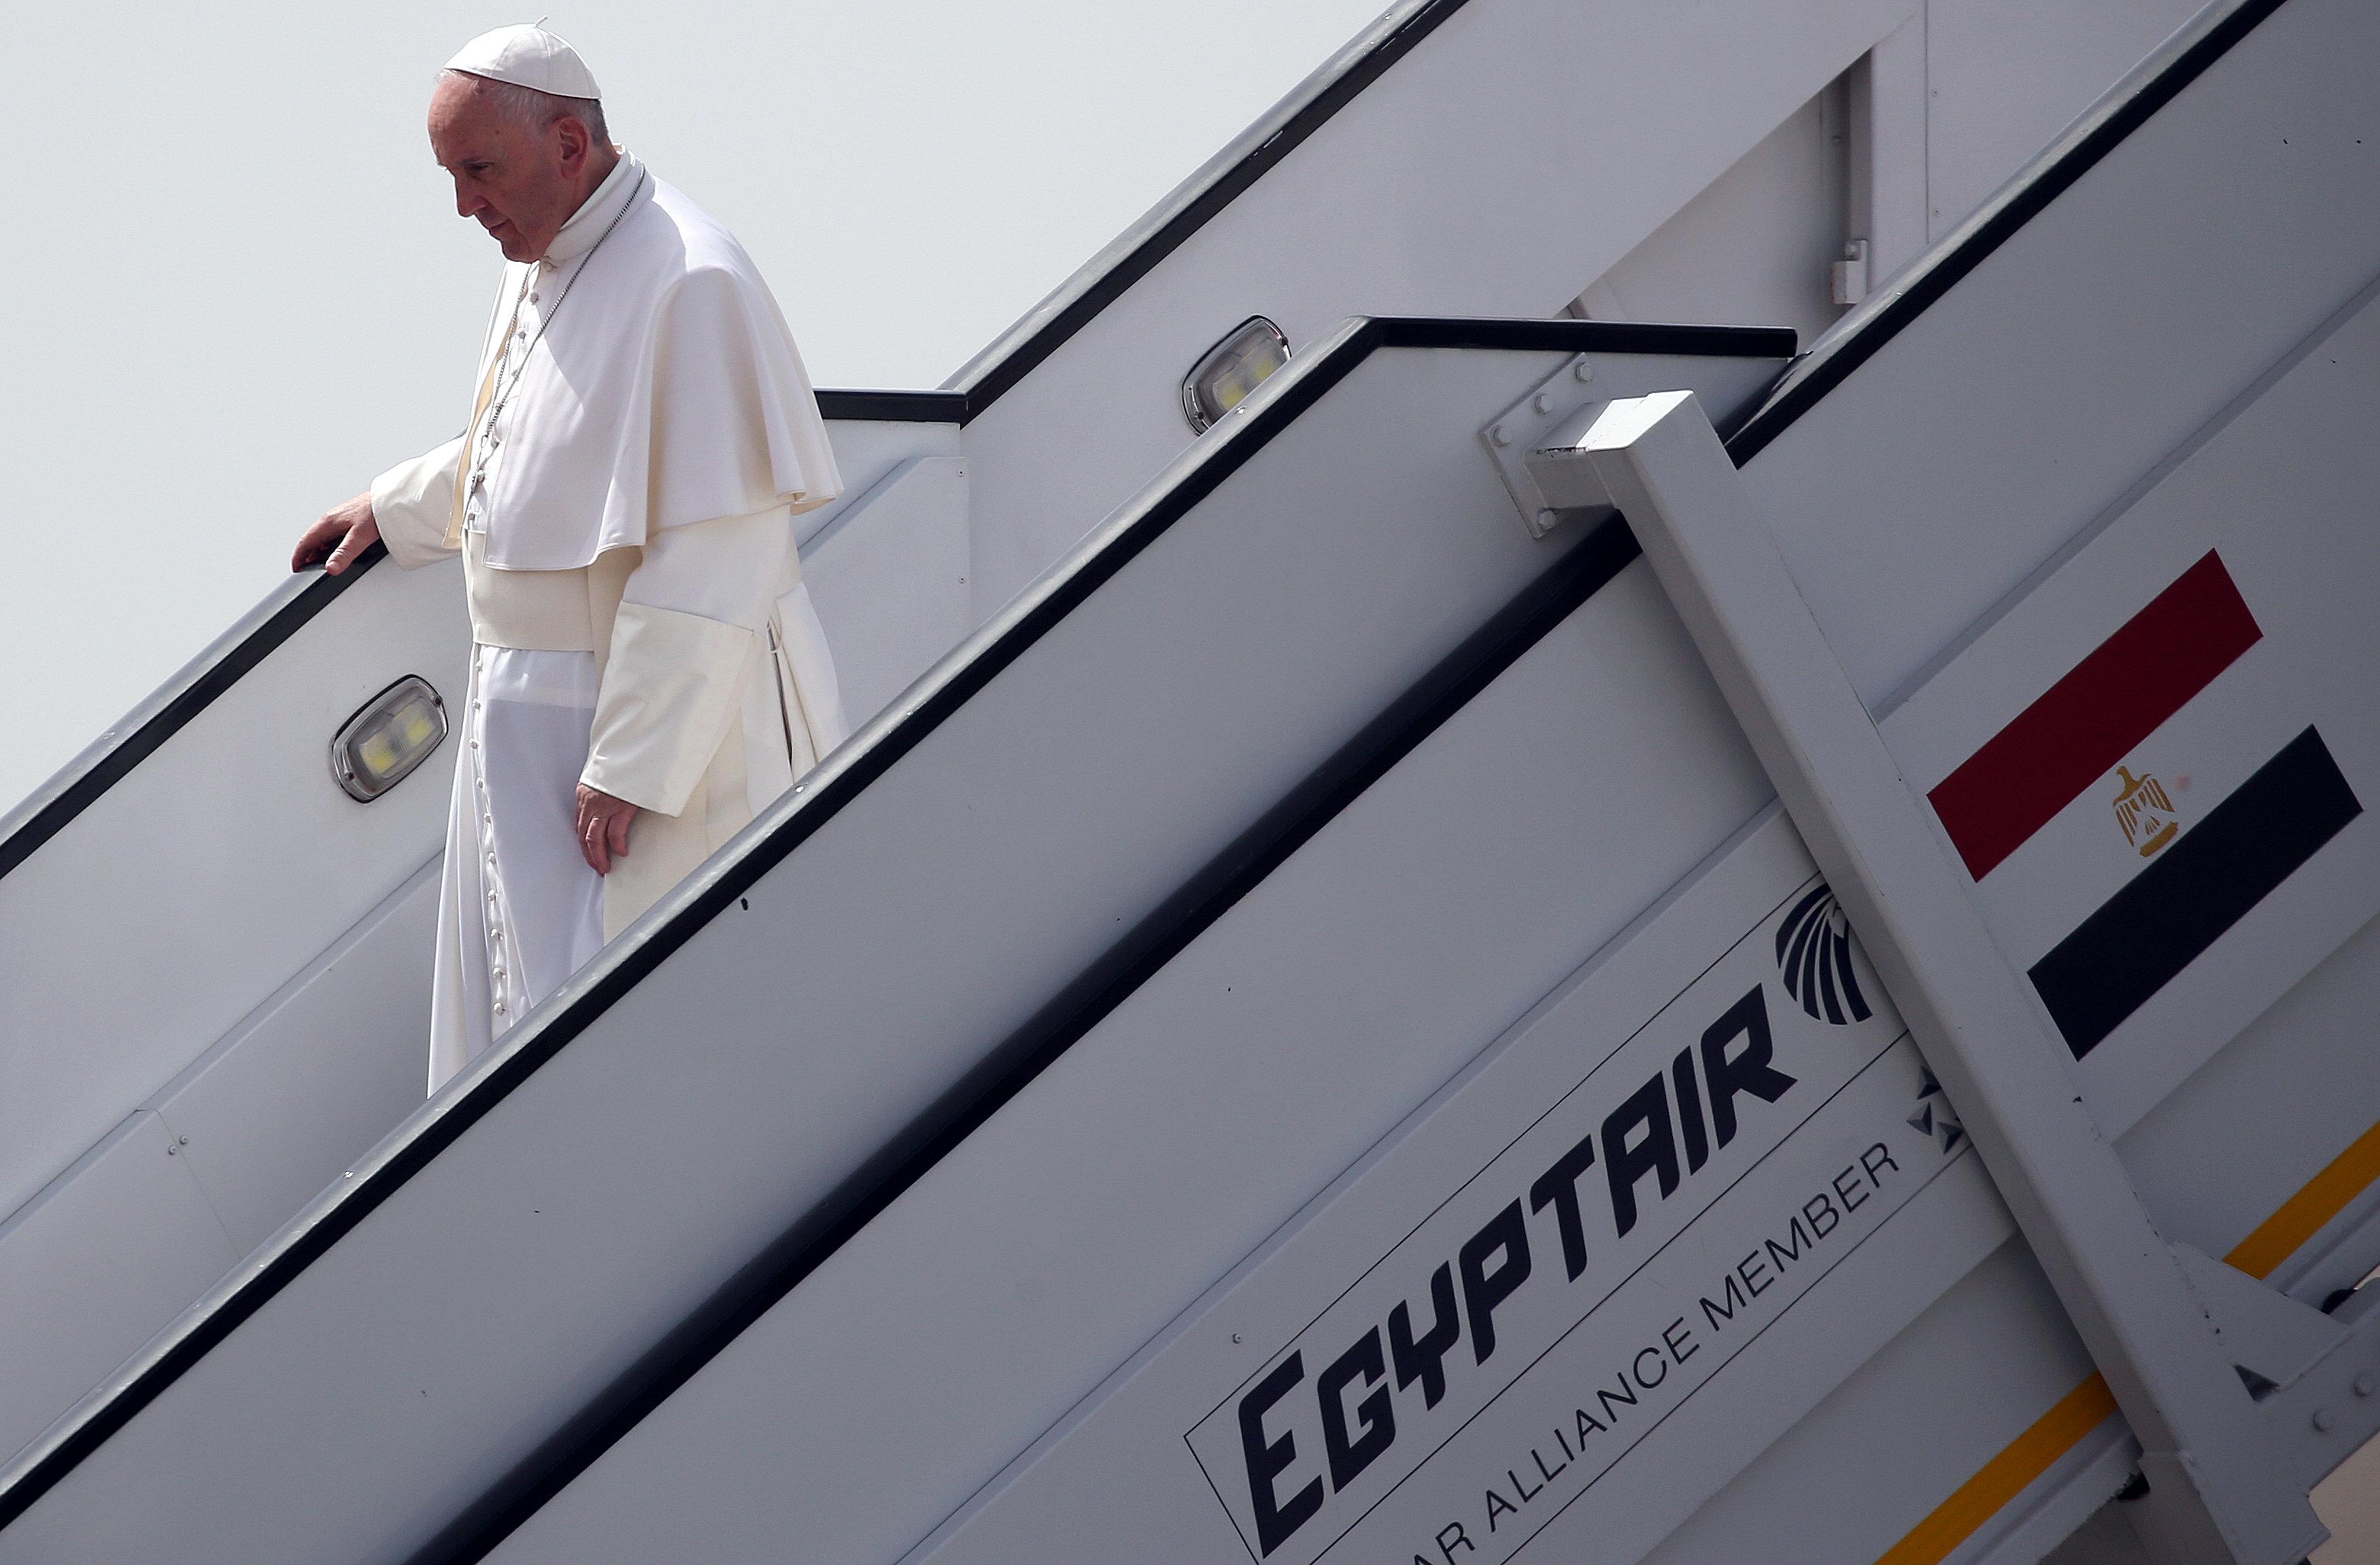 البابا فرانسيس فى مطار القاهرة